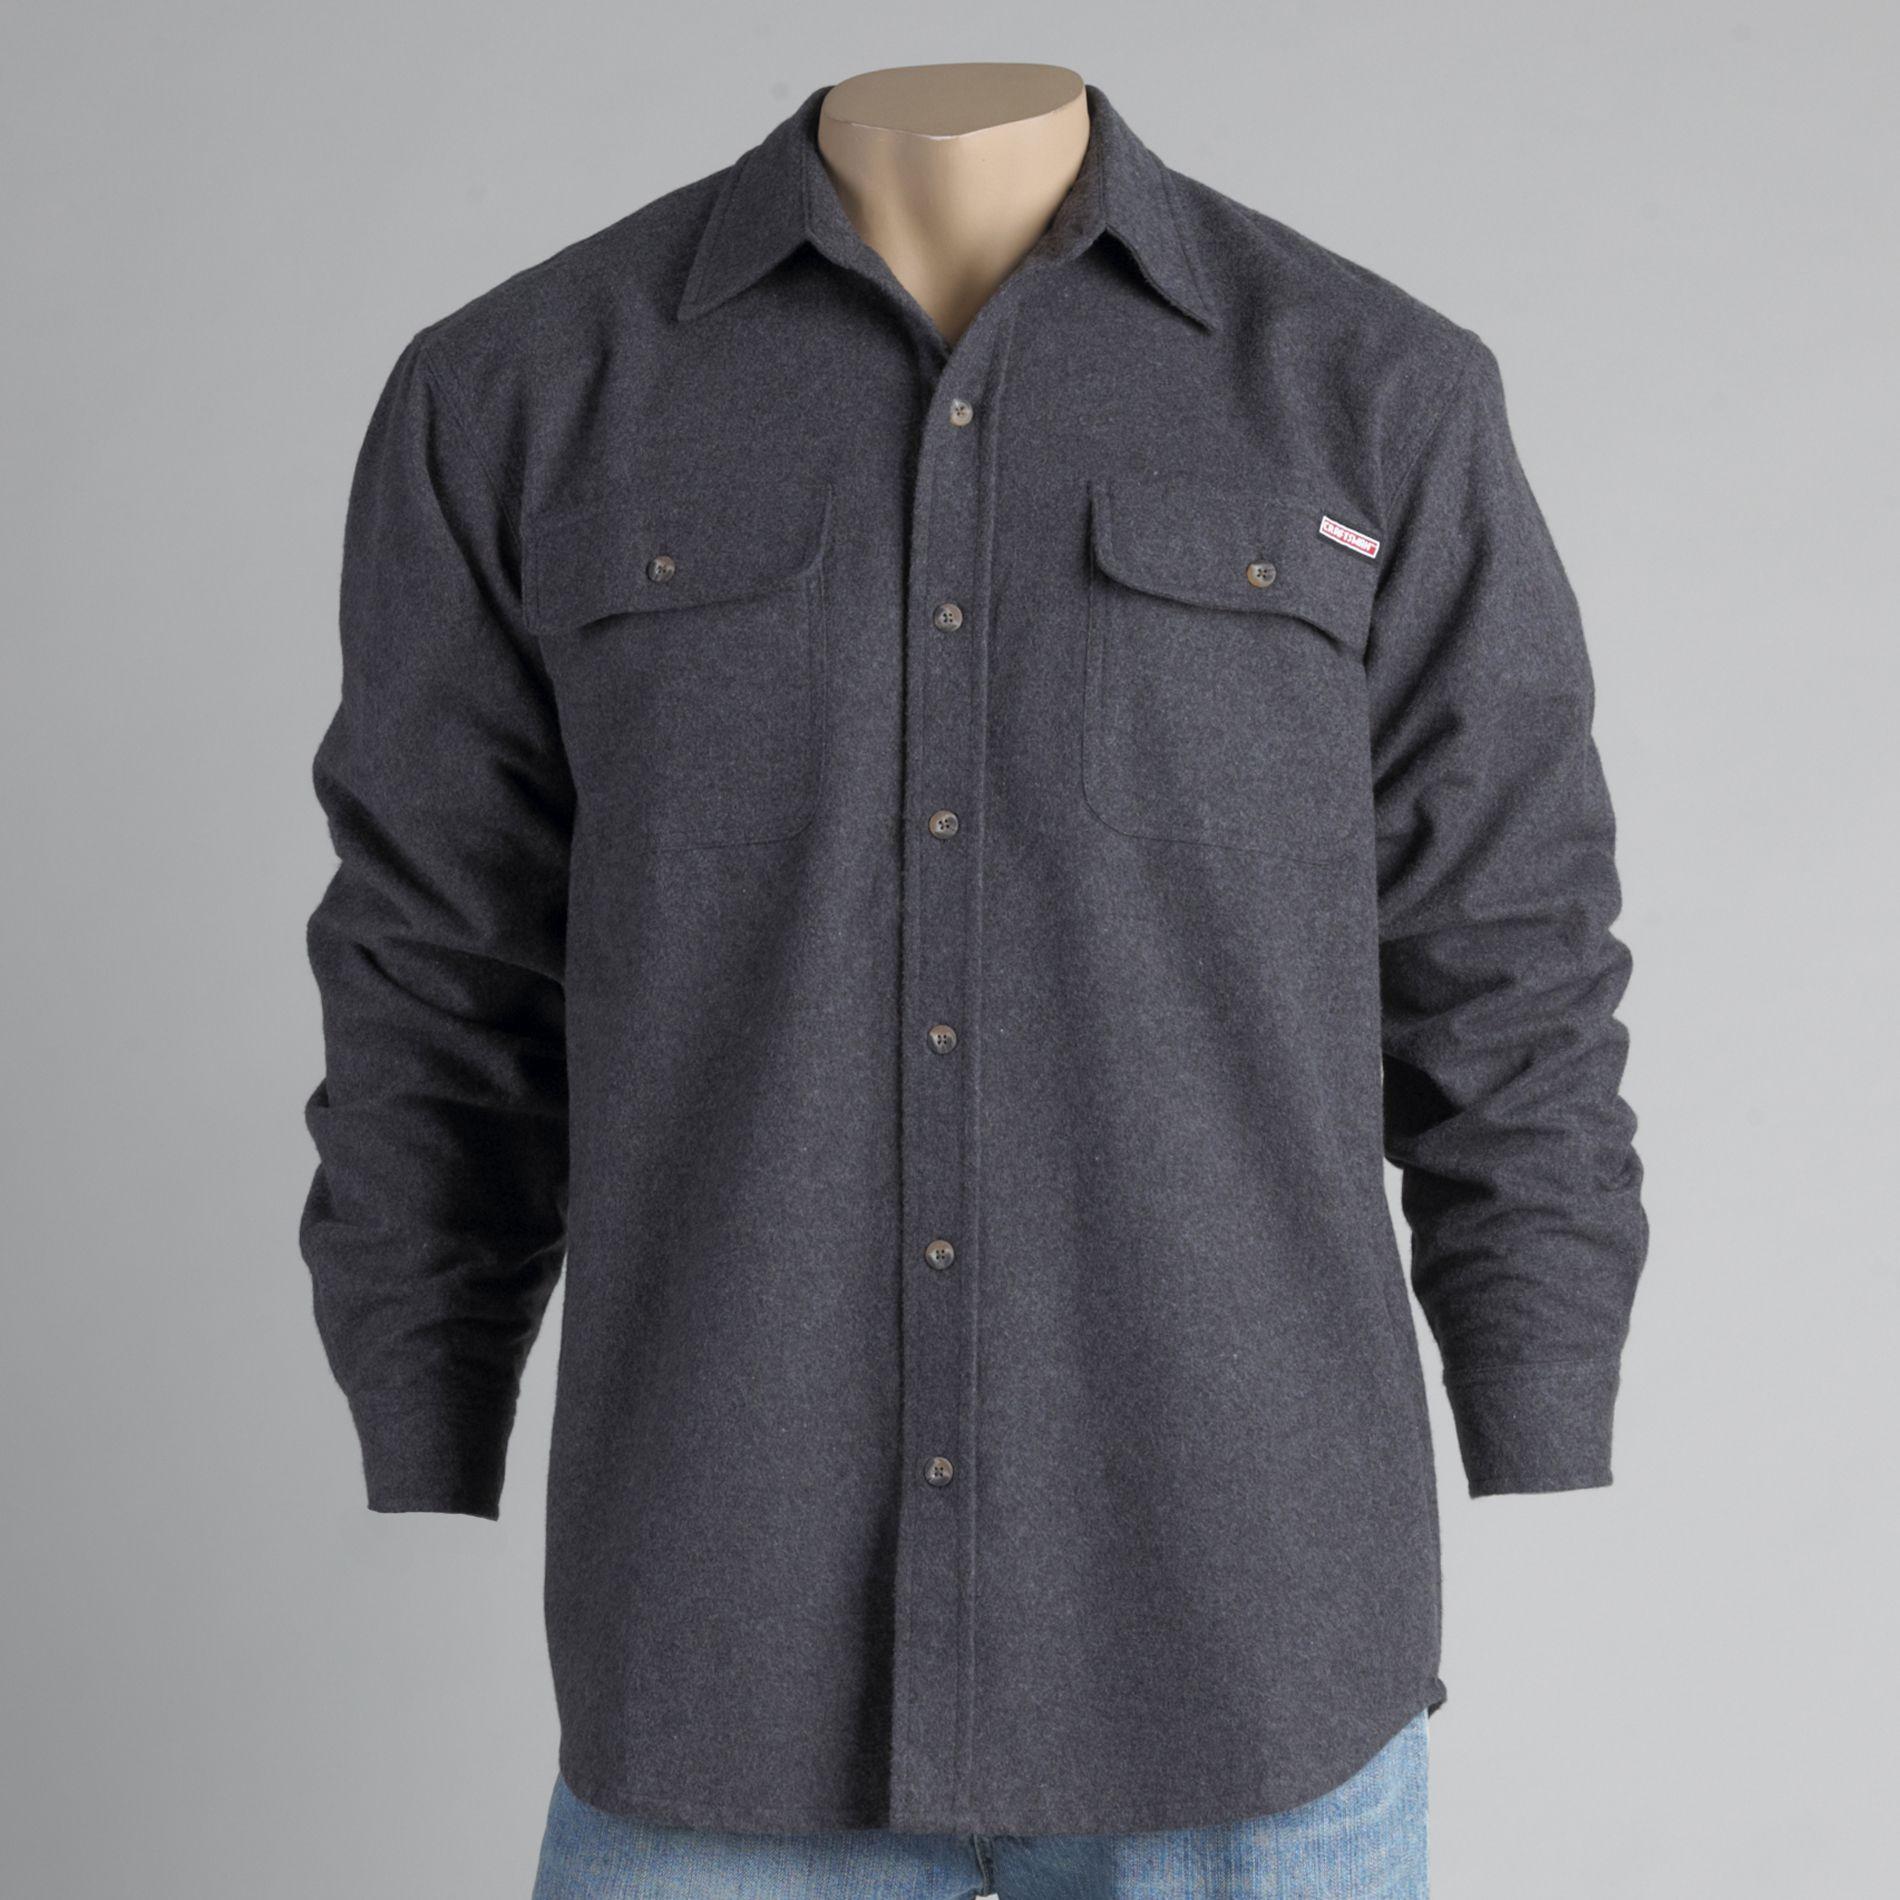 Craftsman Men's Long Sleeve Work Shirt